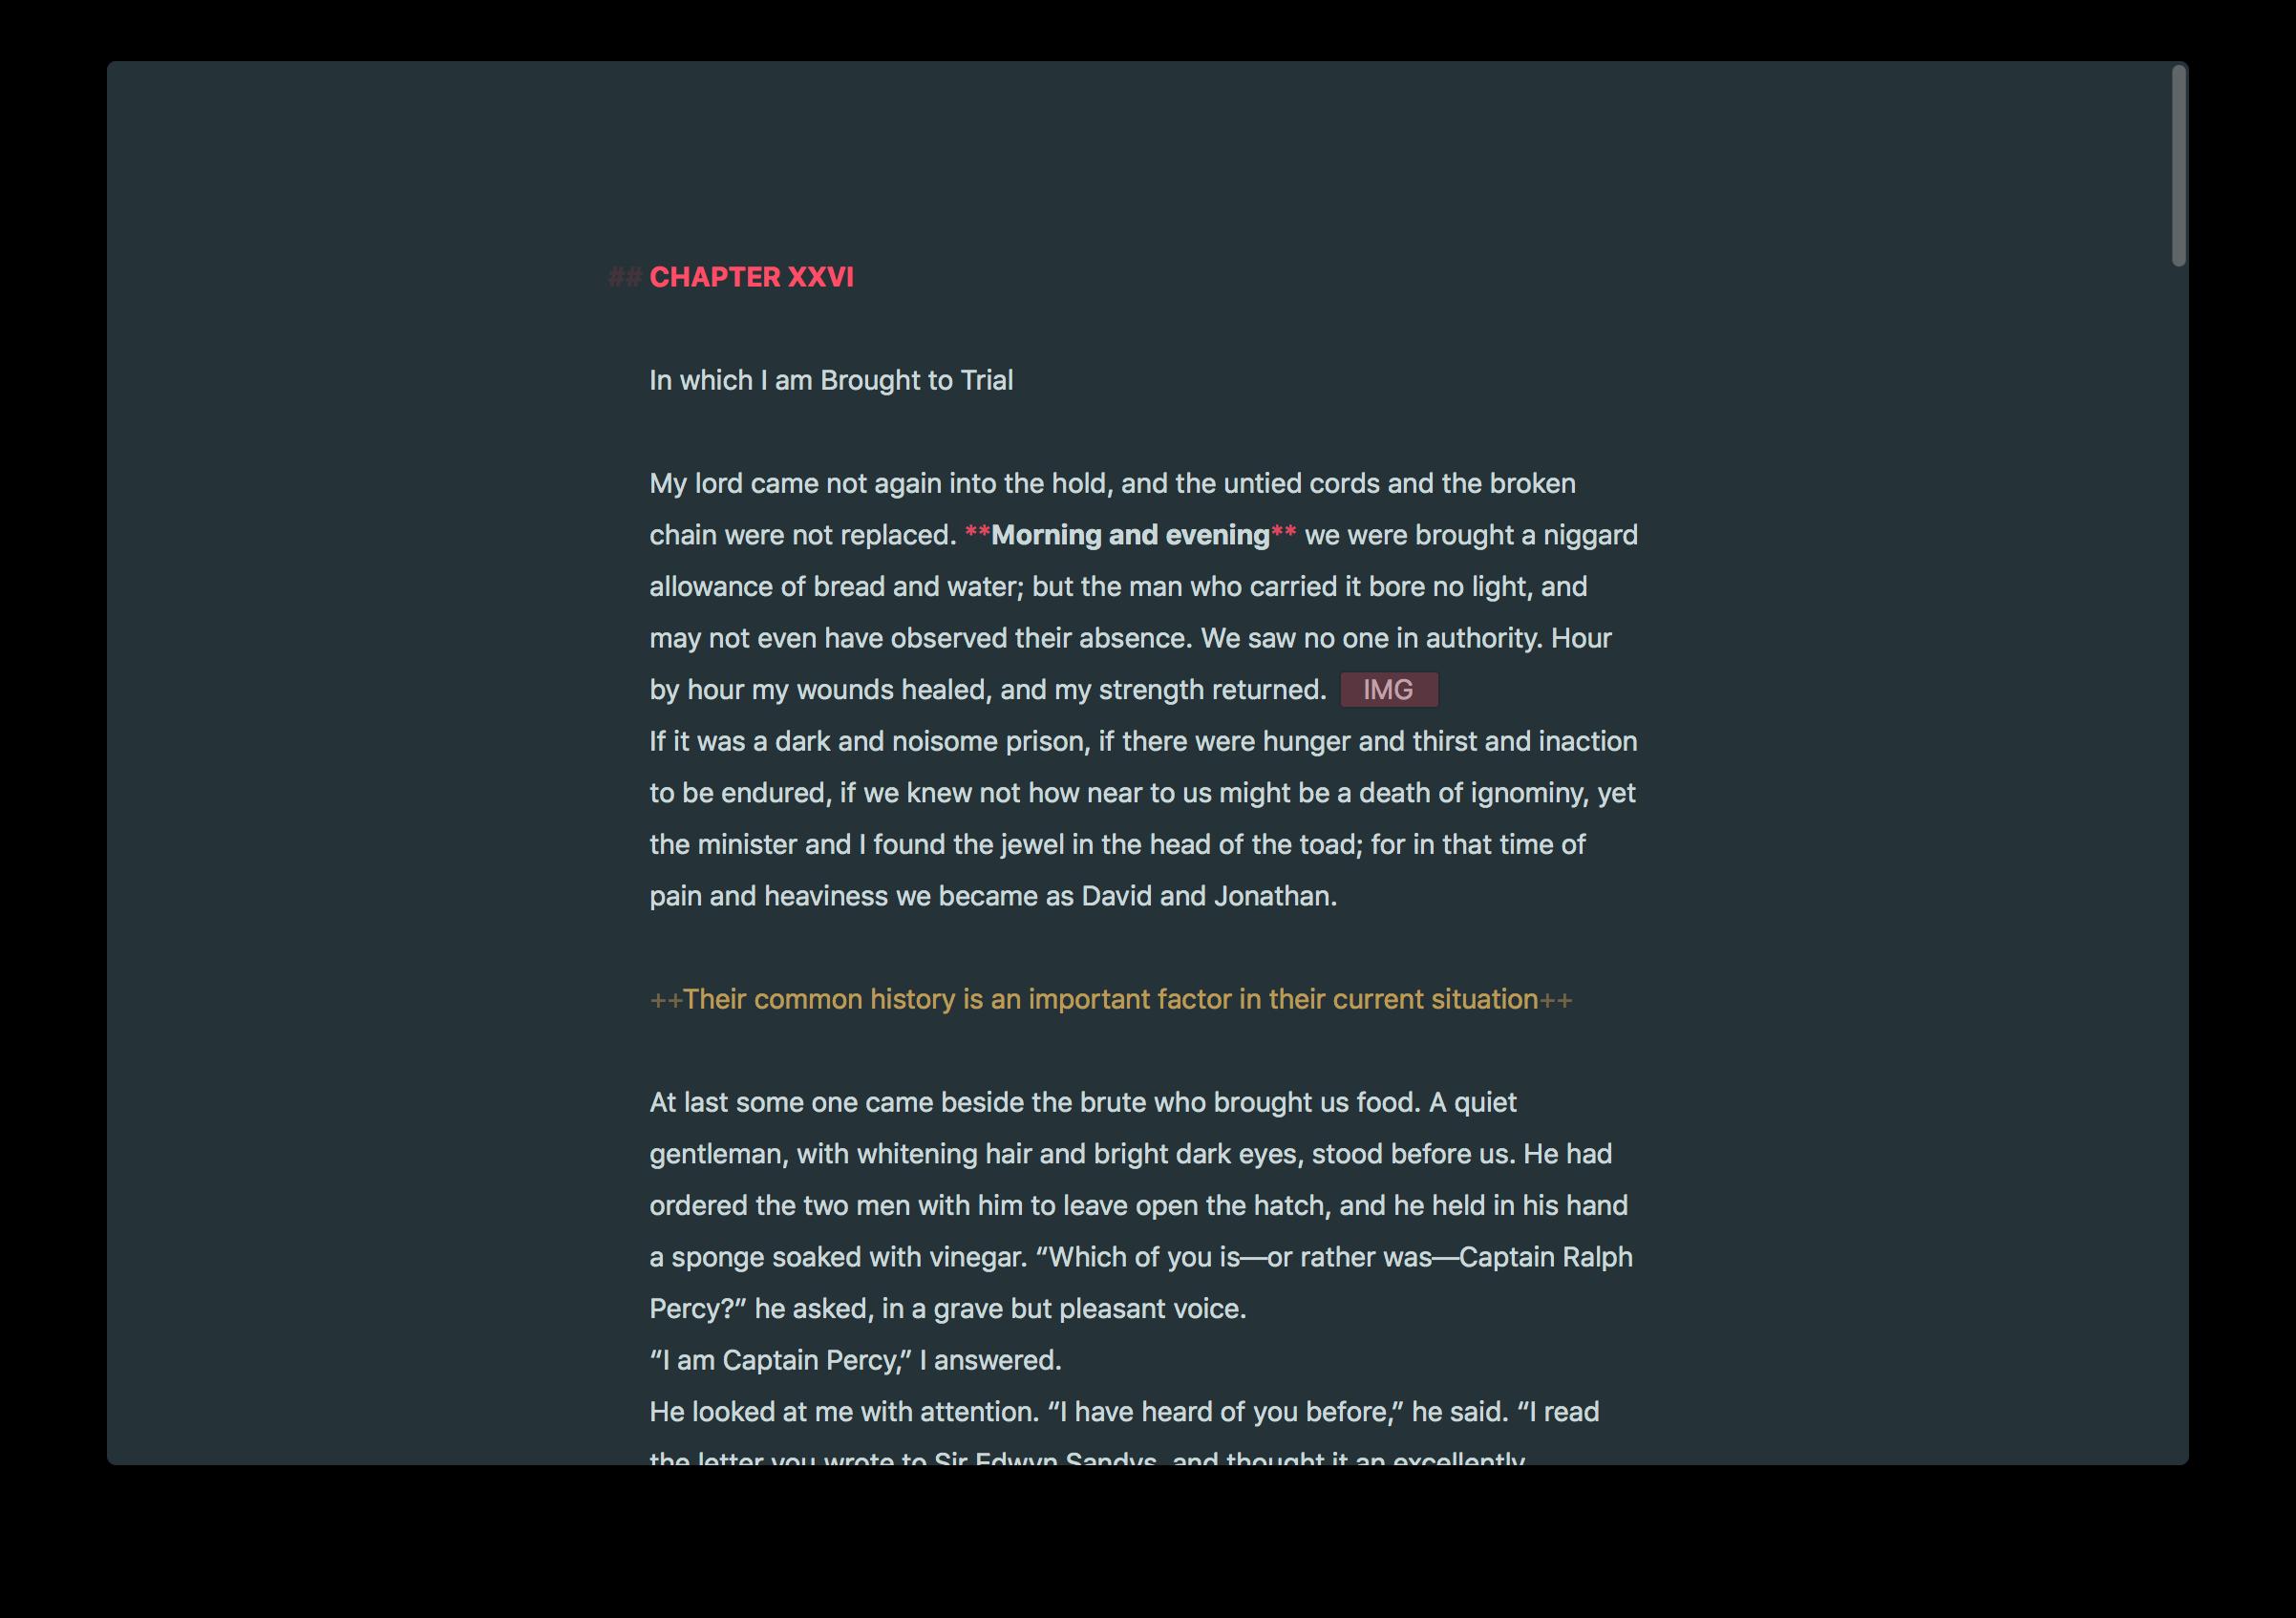 Ulysses Mac_DarkMode - SAC student discount.png